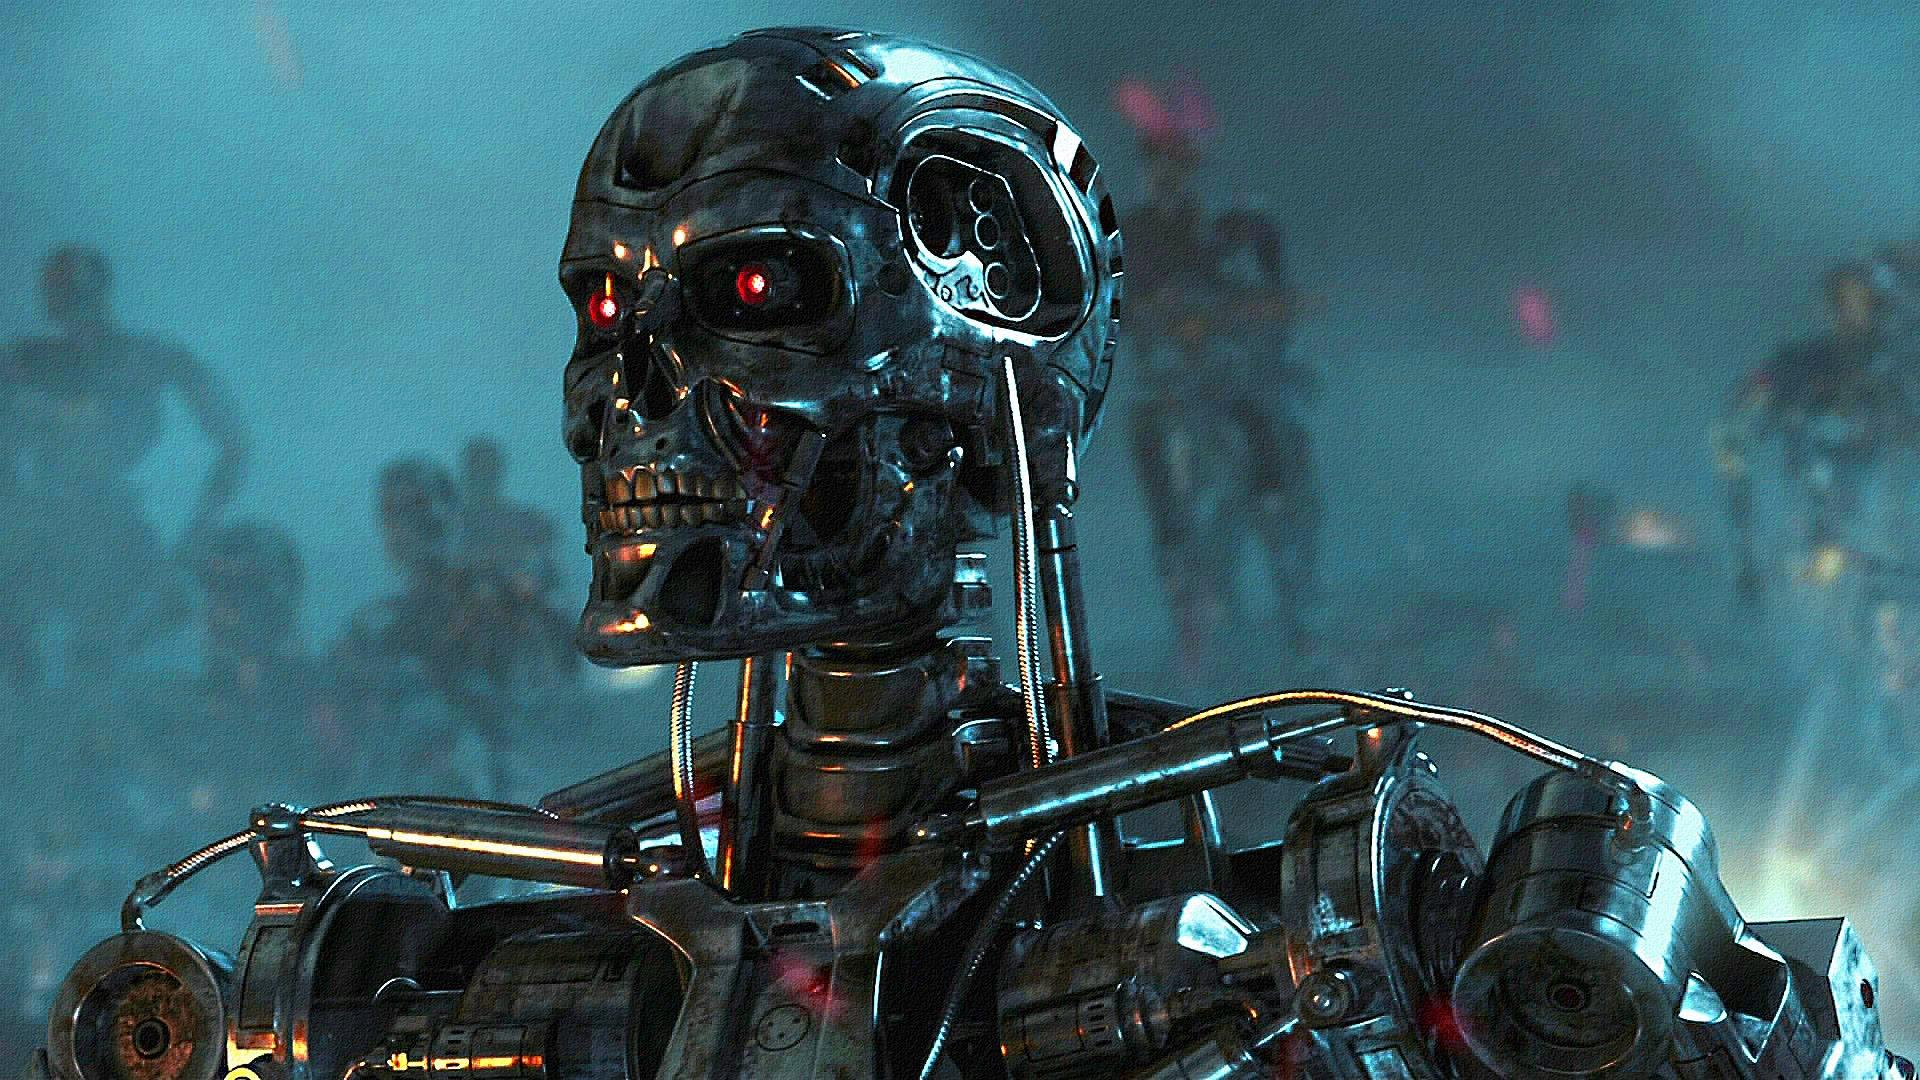 Скайнет не пройдет. Google DeepMind разрабатывает «большую красную кнопку» для отключения искусственного интеллекта - 3